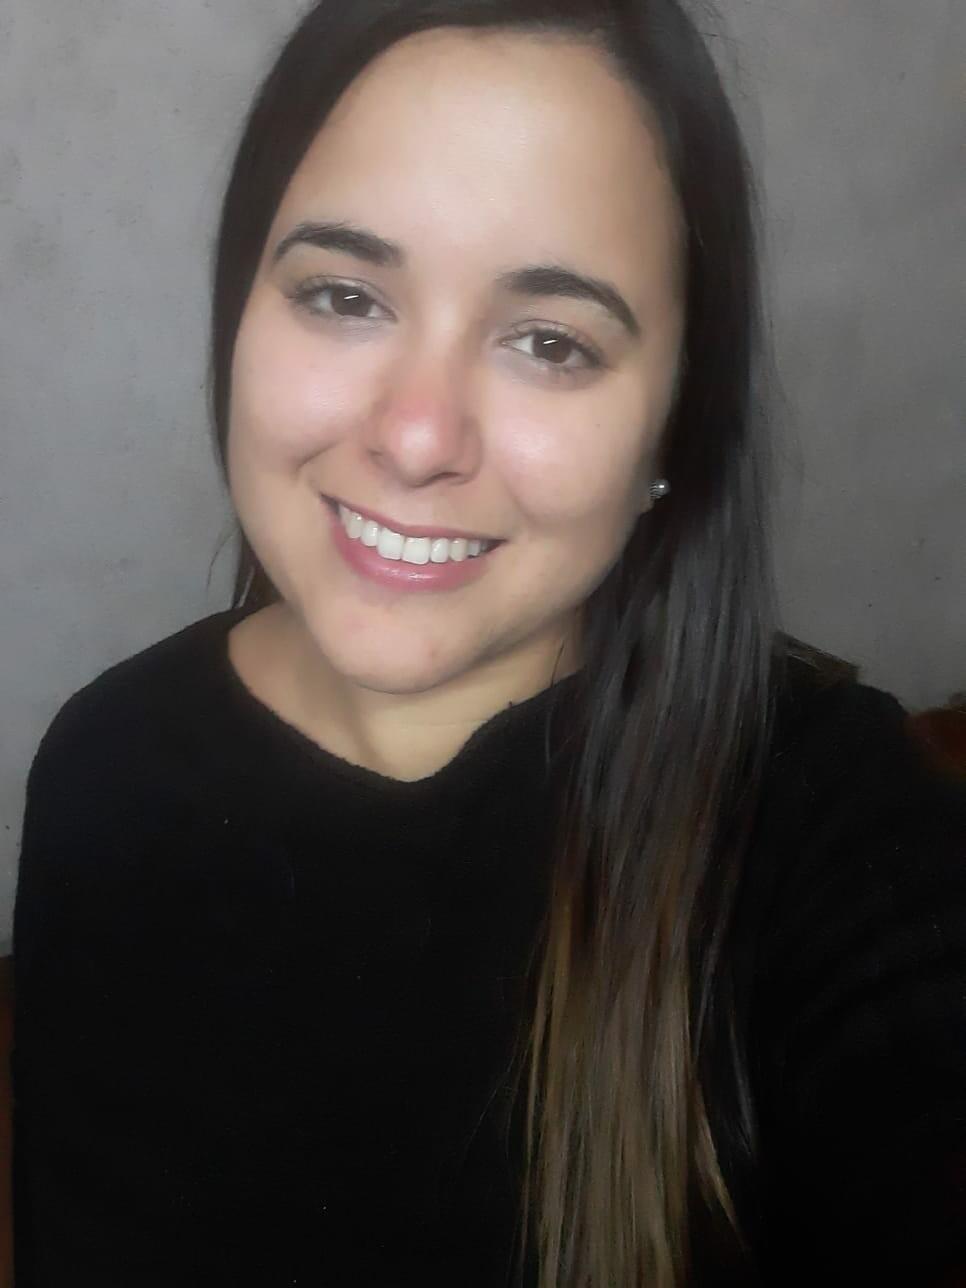 Victoria Dujó fvet- Udelar